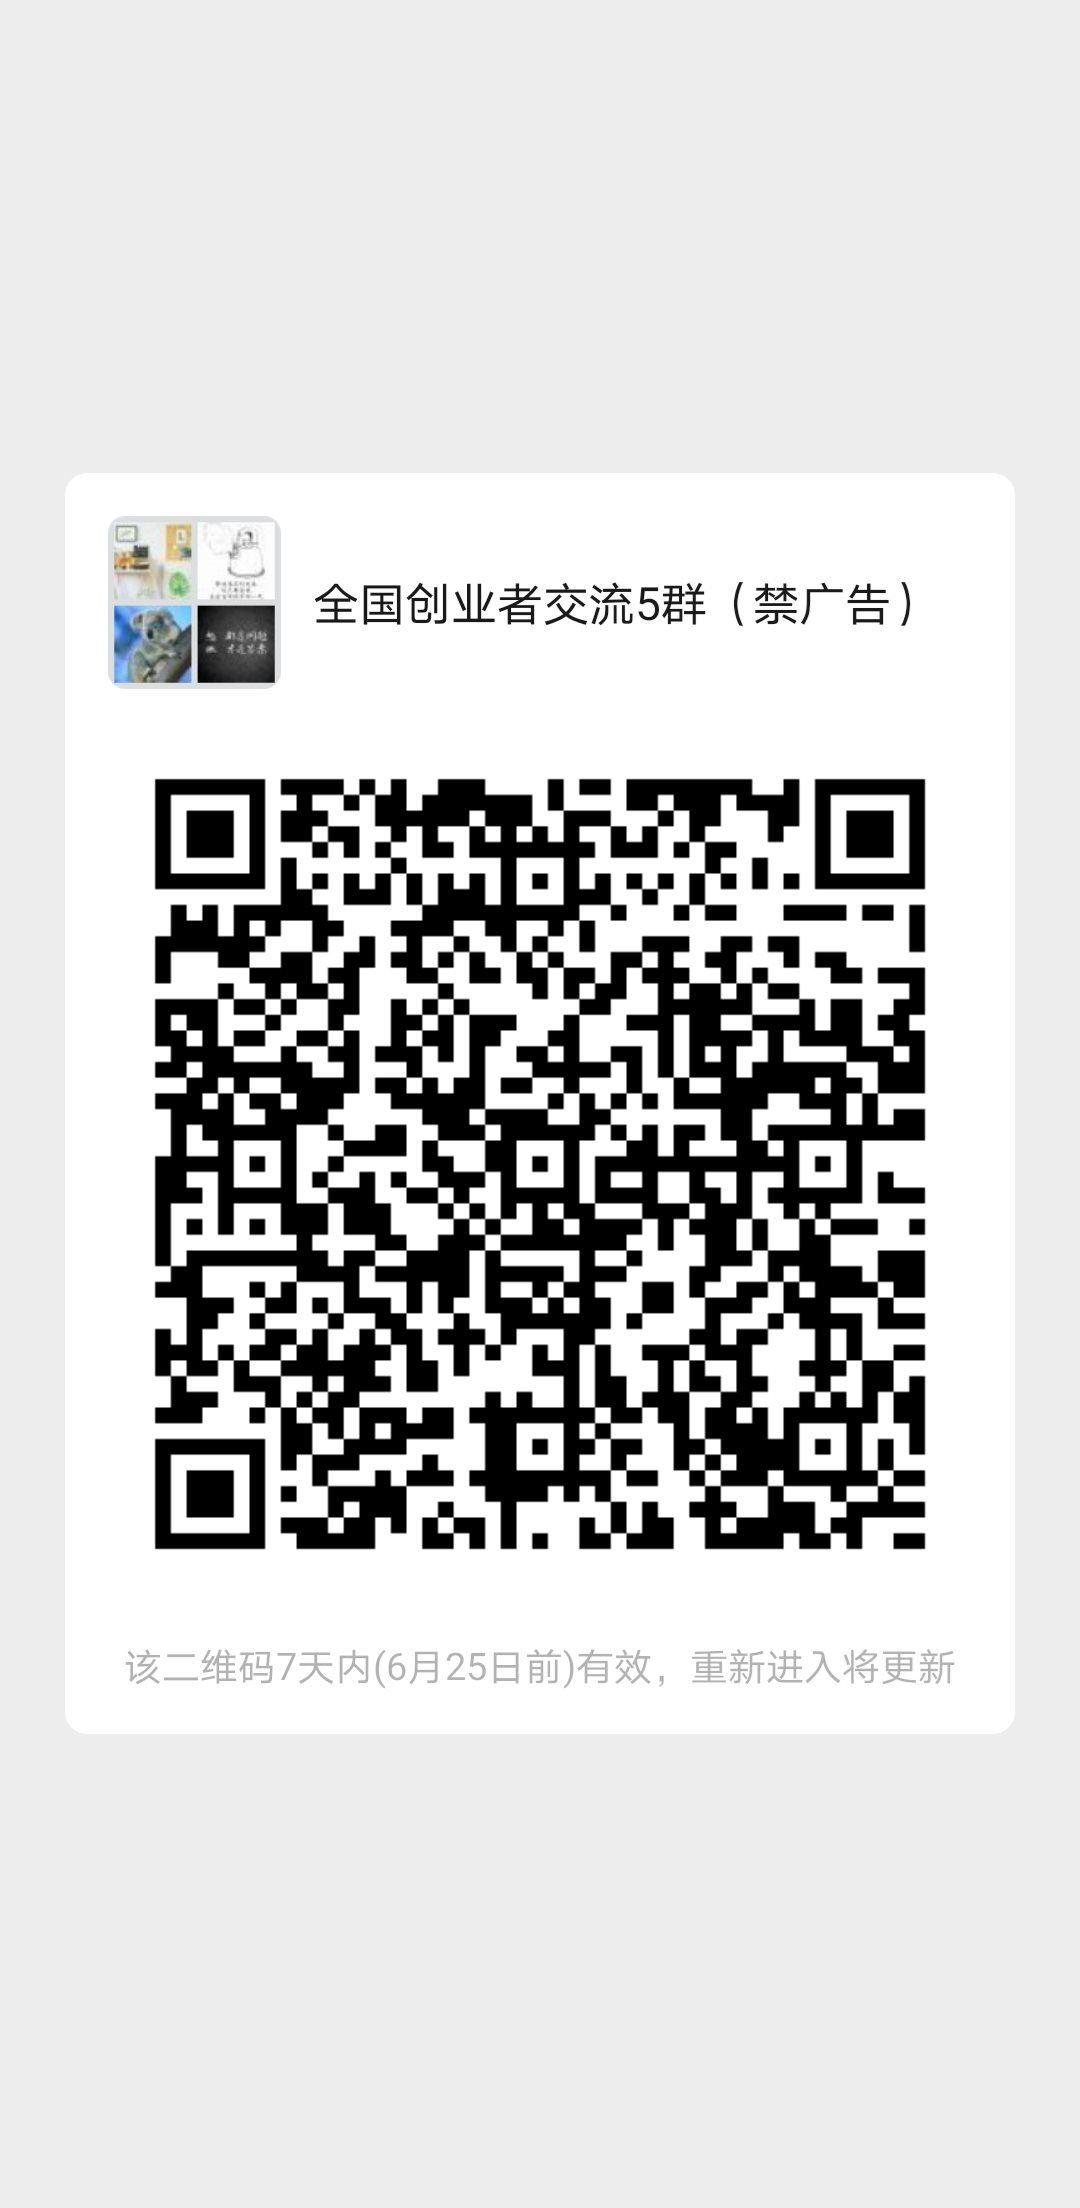 微信图片_20210618145608.png